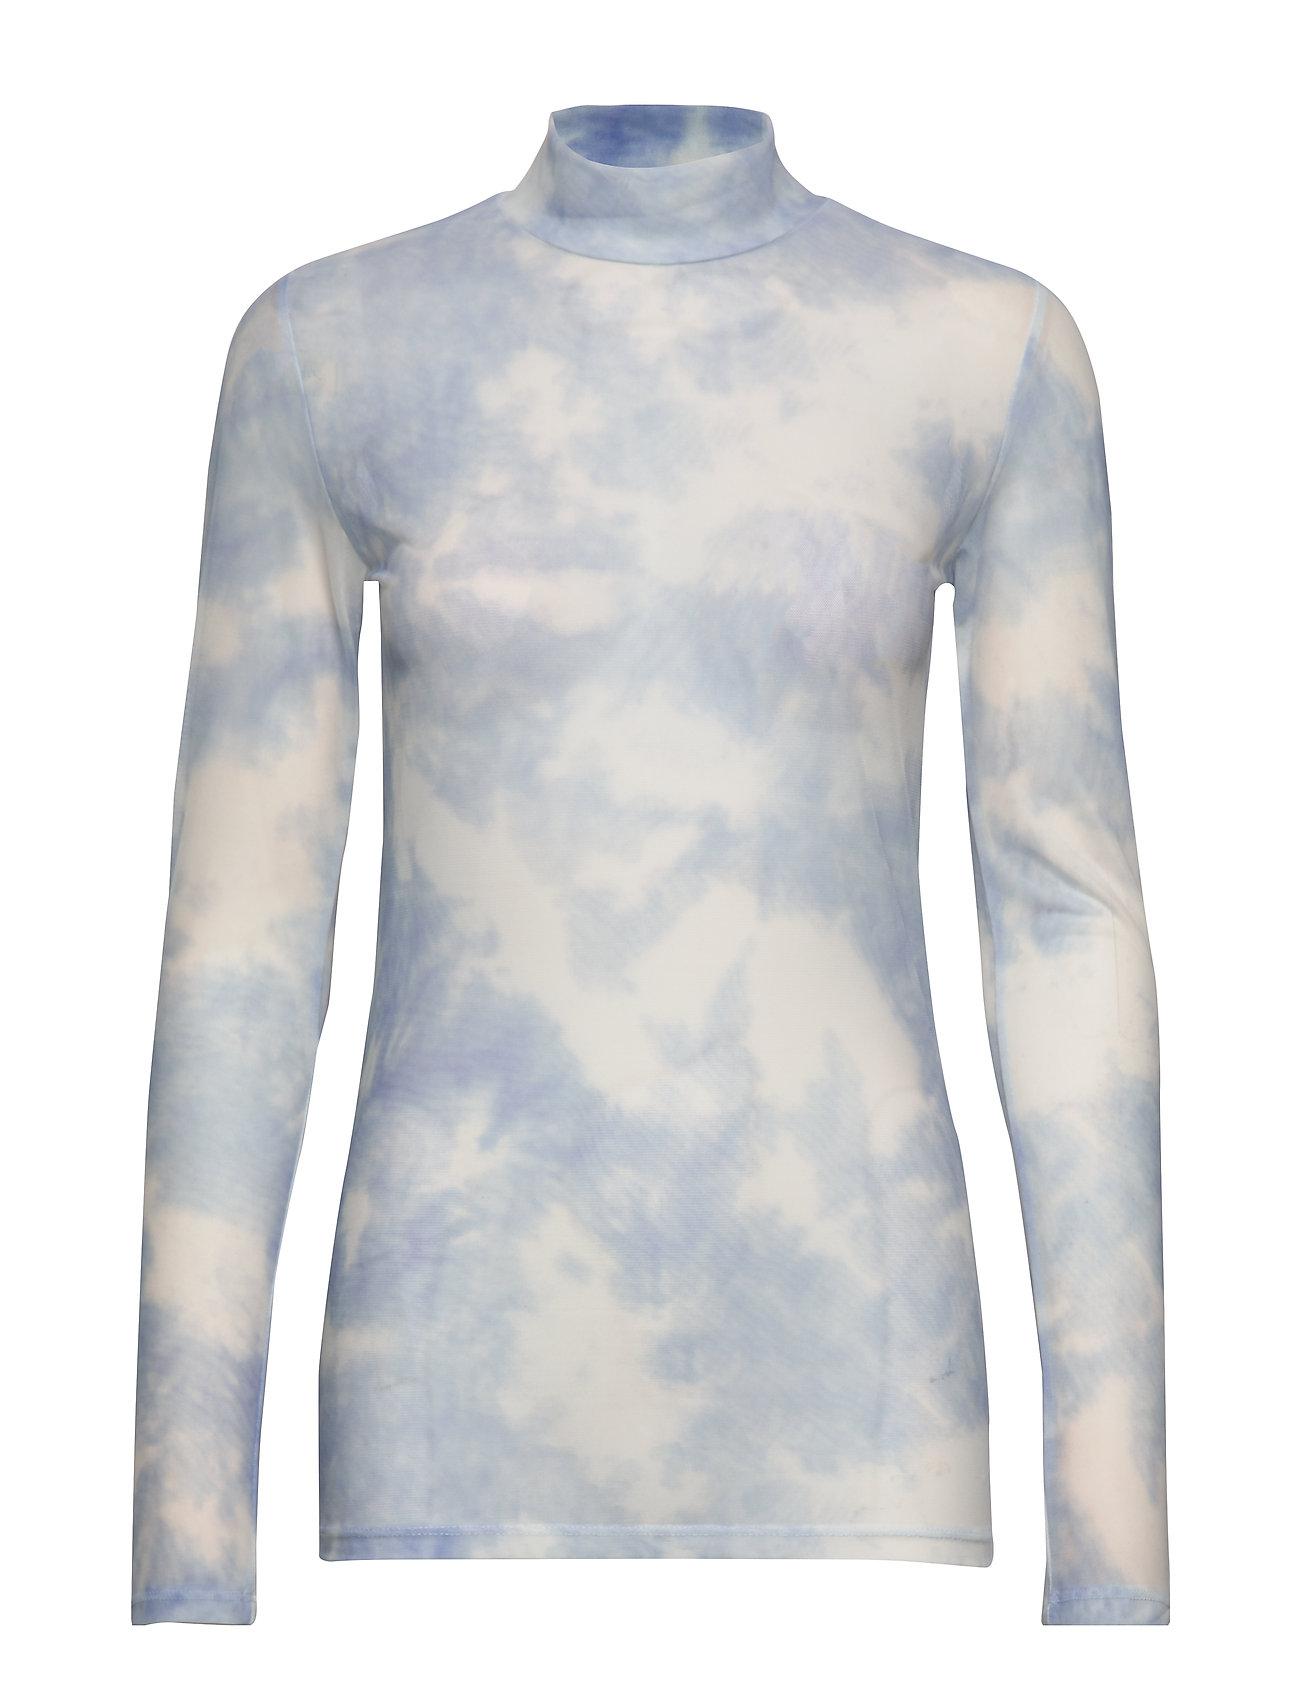 Image of Bay Top Langærmet T-shirt Multi/mønstret Modström (3351890429)